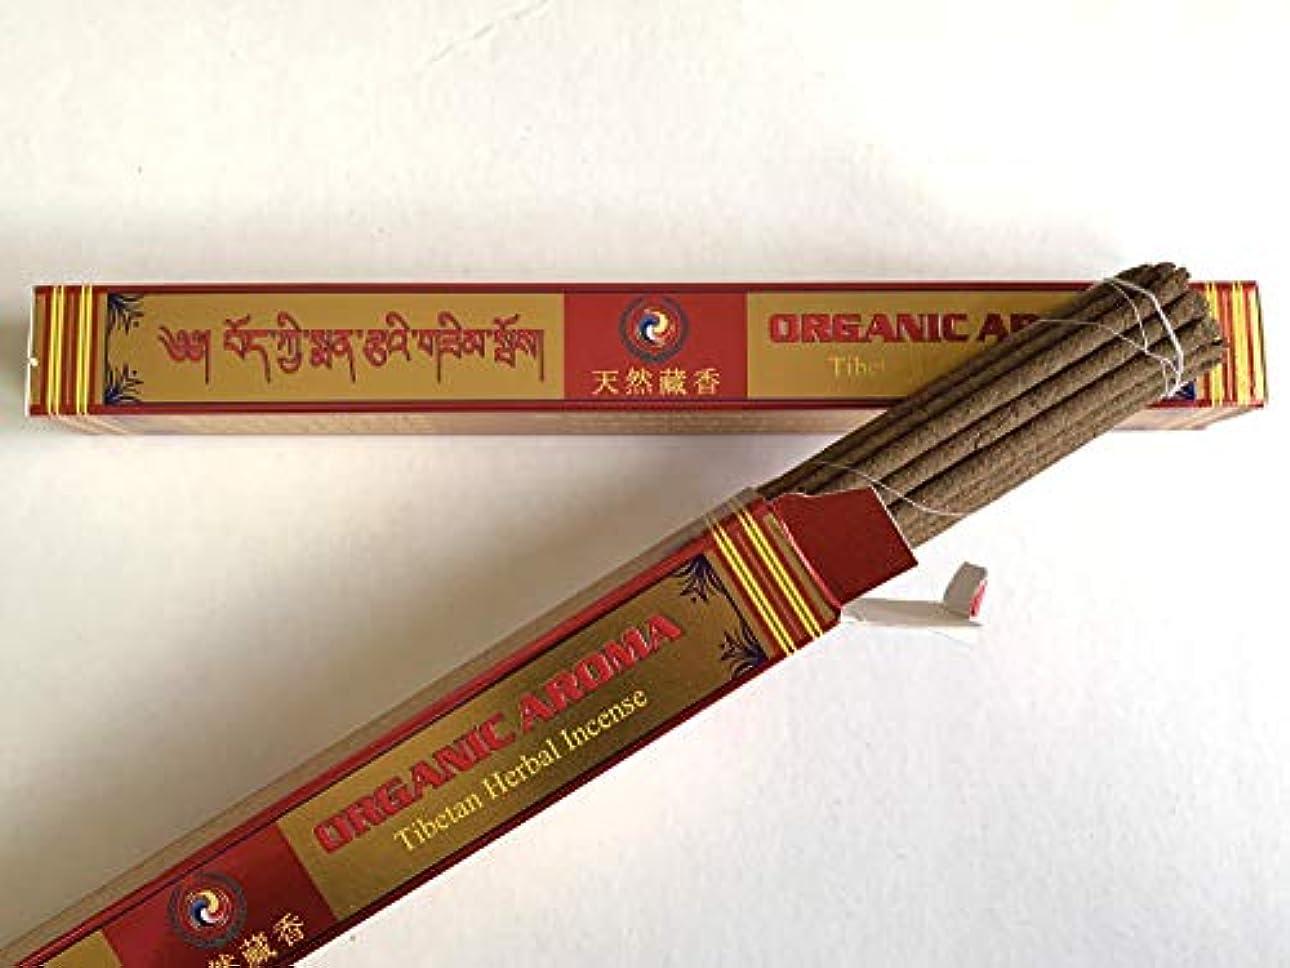 微視的事実上嫌なBonpo Tsang Agarbathi Factory/オーガニックアロマ(天然藏香) ORGANIC AROMA 約25本入り